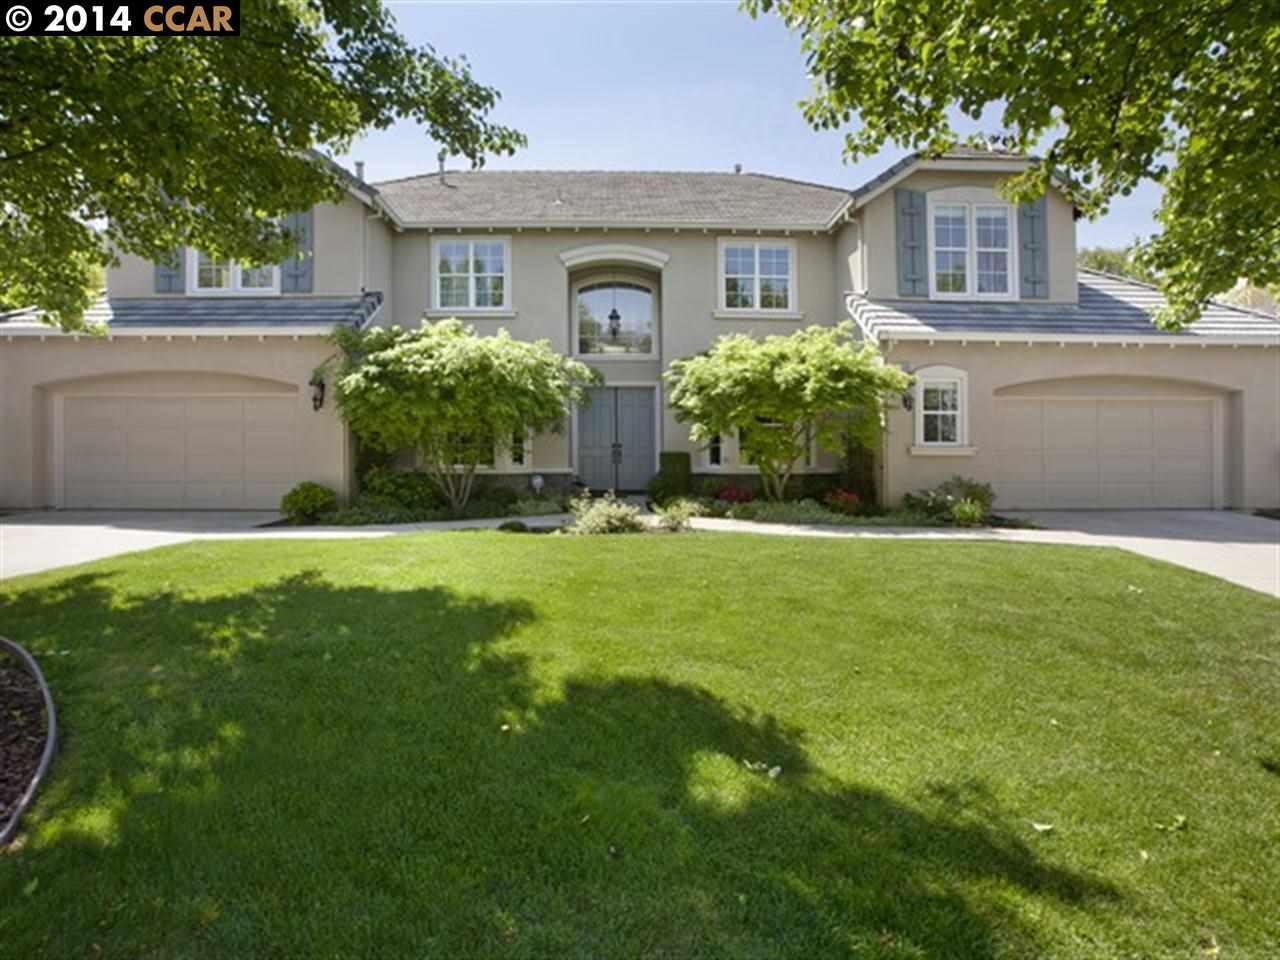 Single Family Home for Sale at 1590 SERAFIX Road Alamo, California 94507 United States